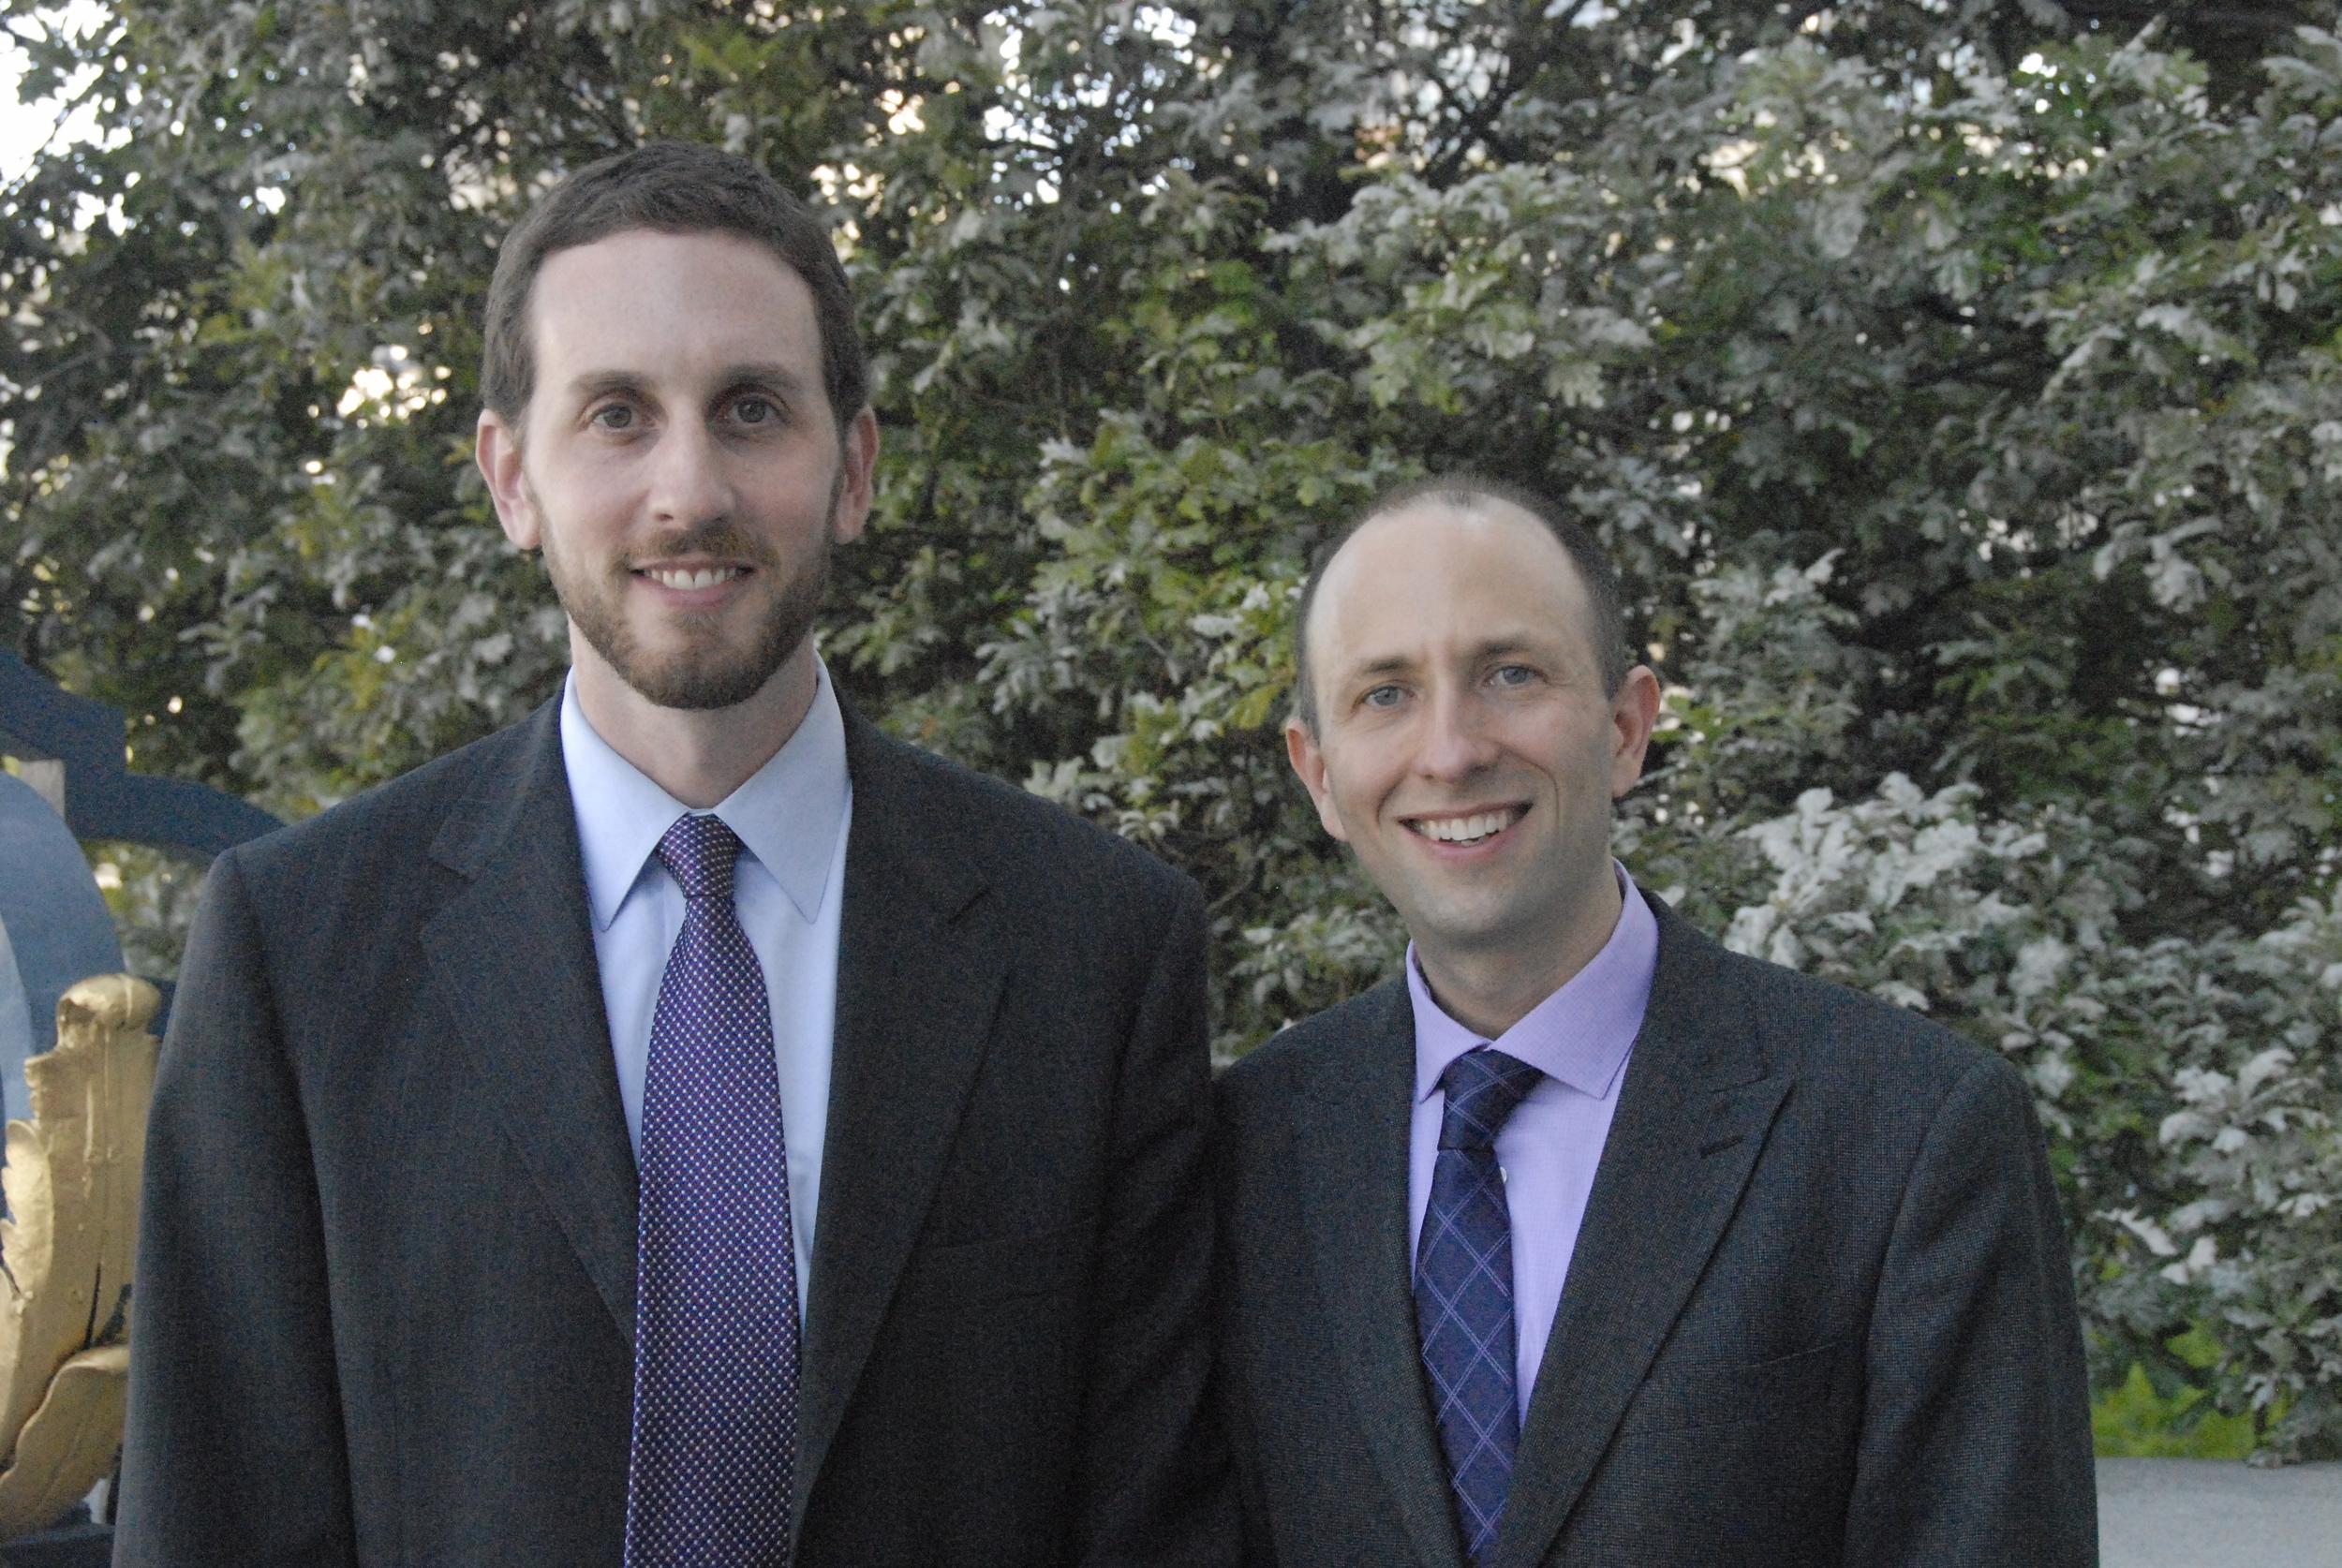 Scott Wiener and Joel Engardio